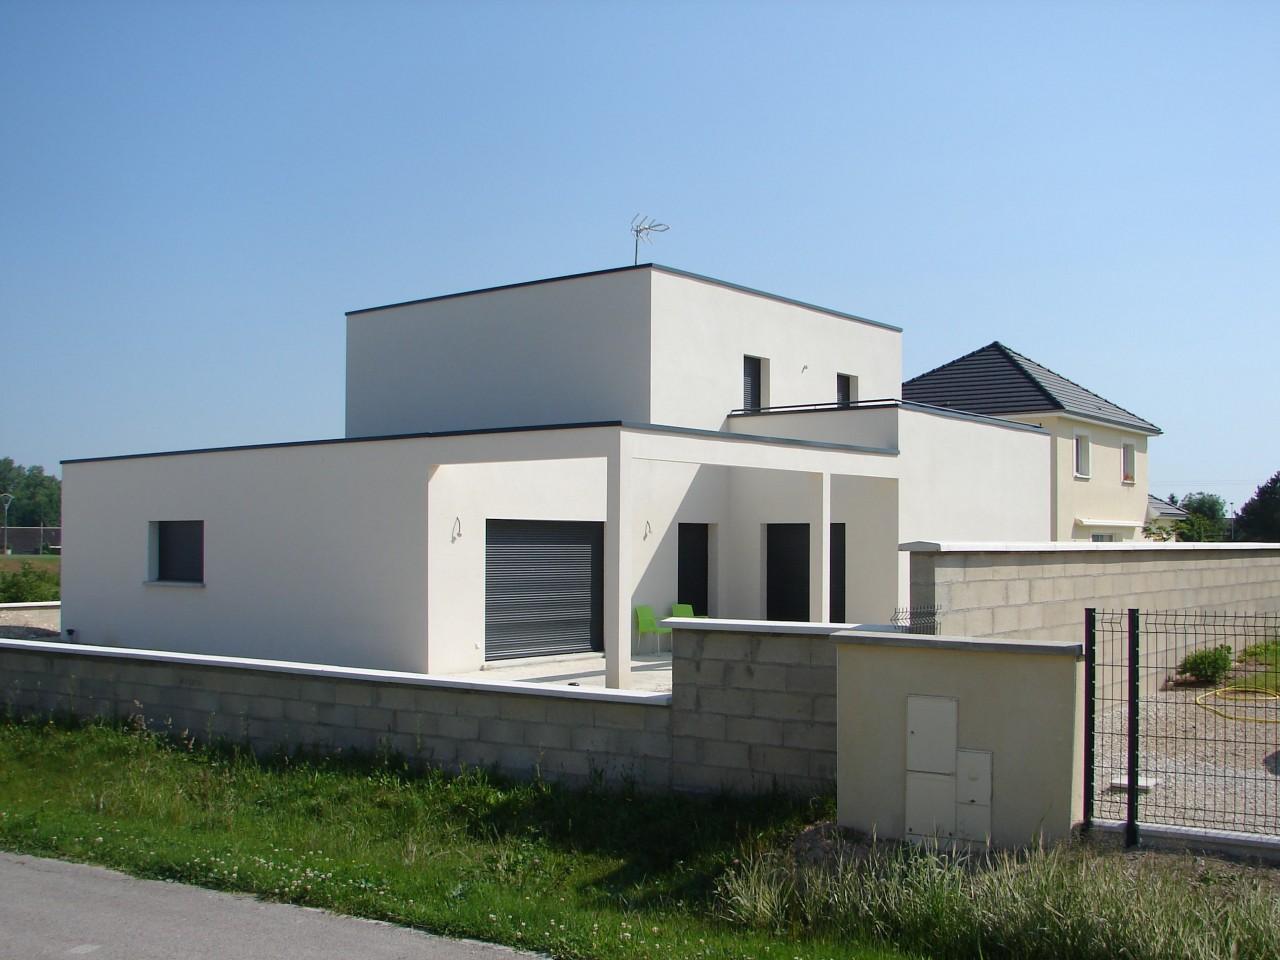 Modele de maison cubique le monde de l a for Modele de maison cubique